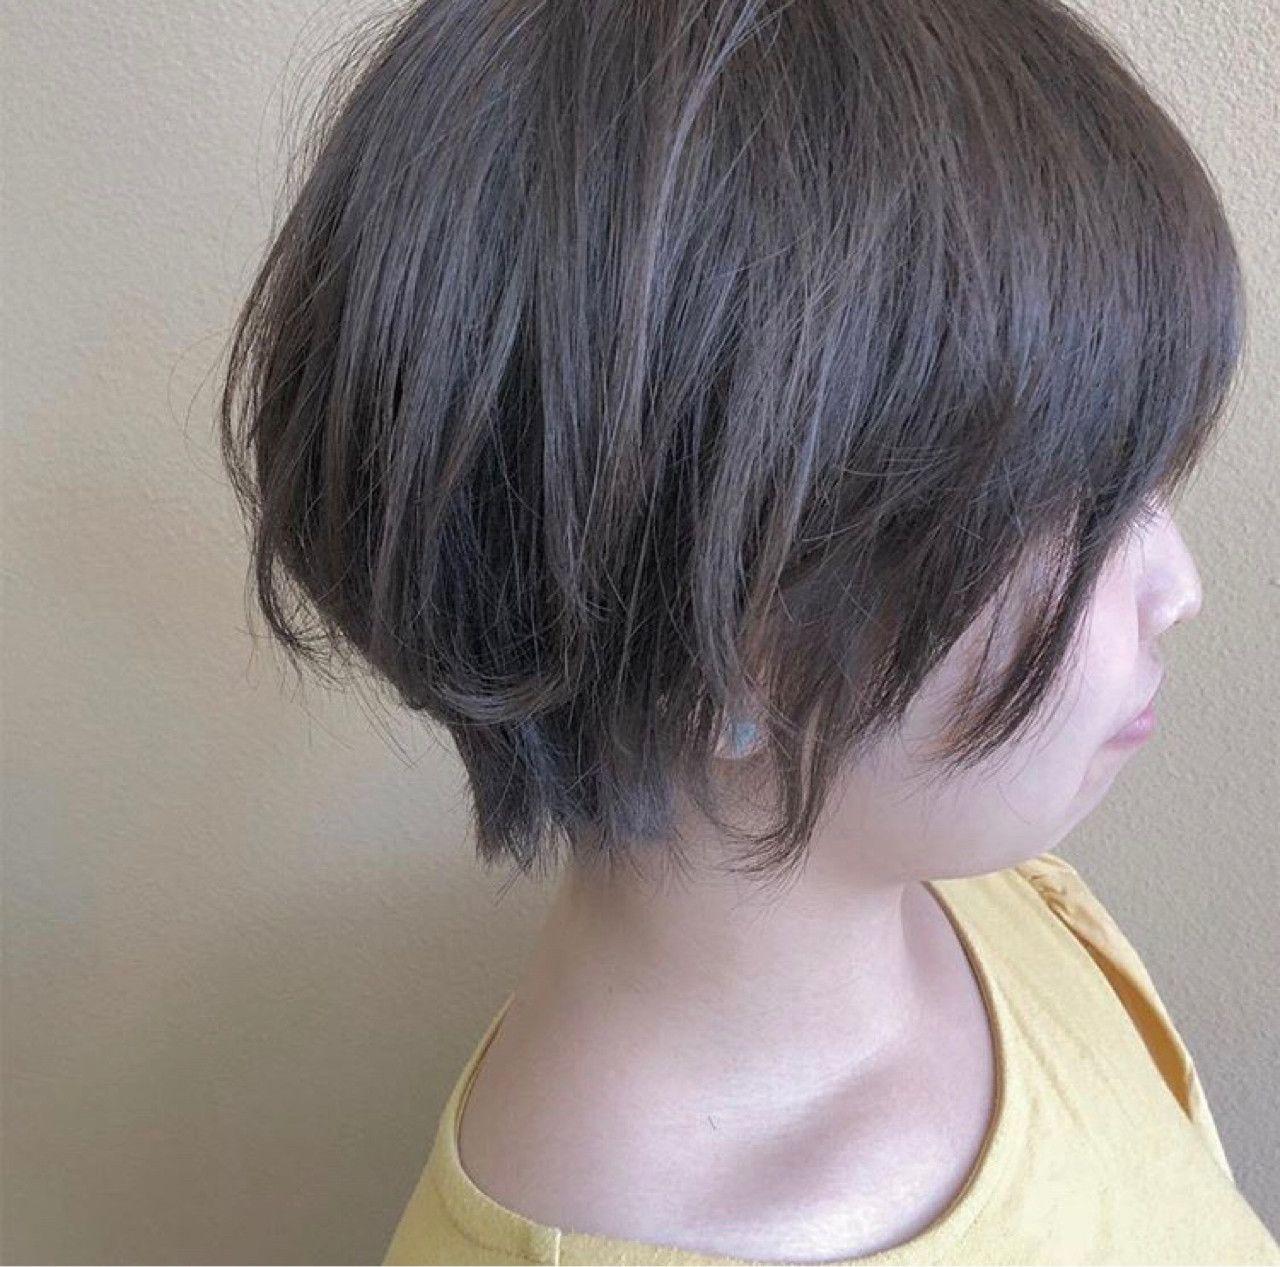 可愛くも女性らしくもあるショートヘア カラーは柔らかく見せてくれる